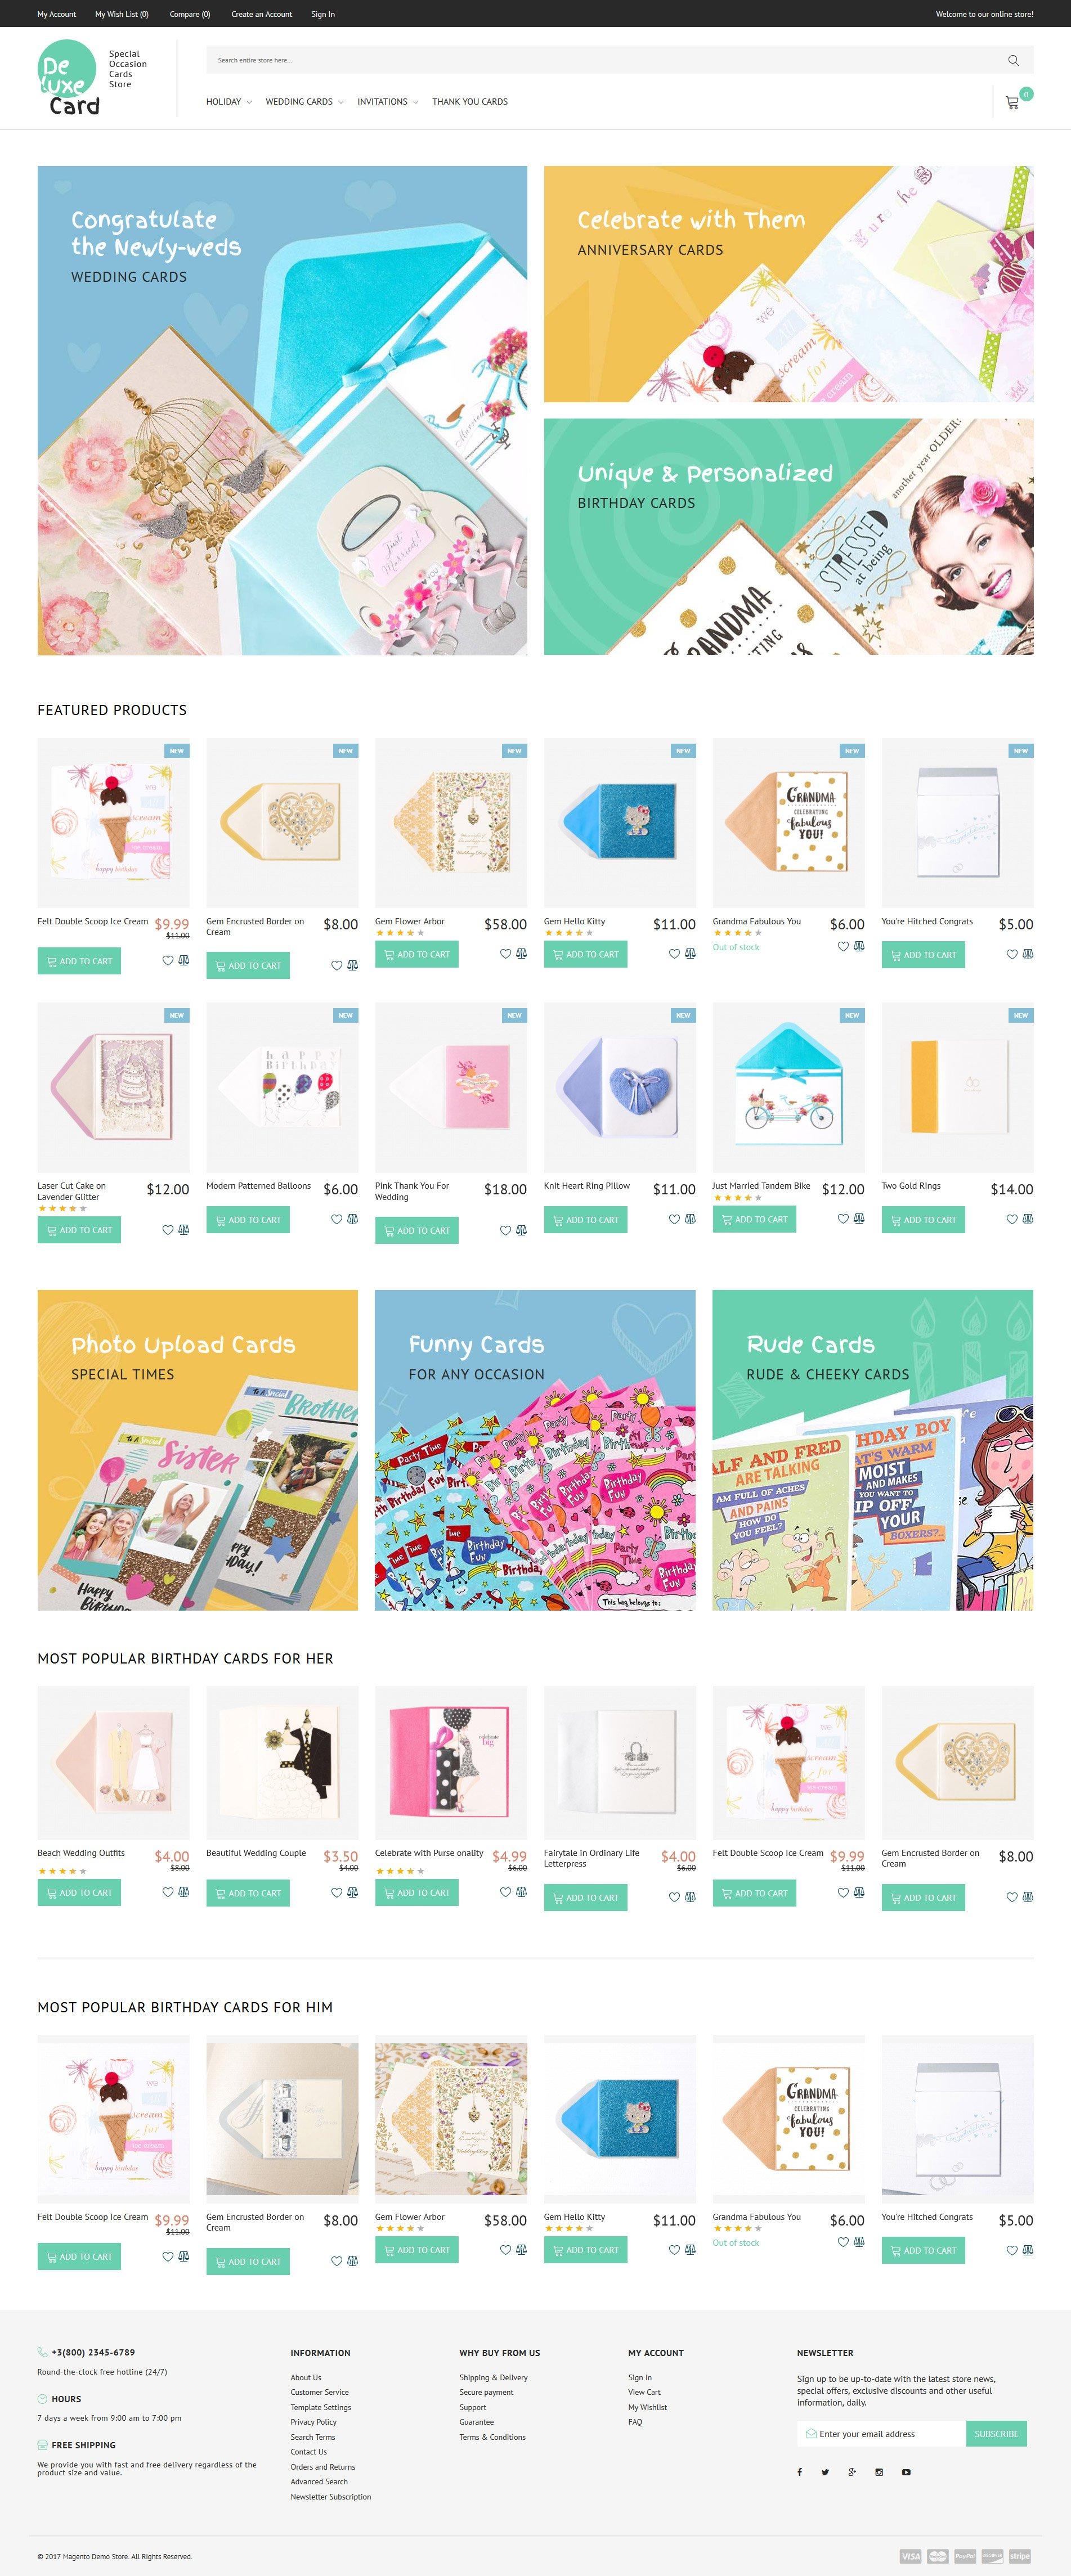 Интернет-магазин подарков №63846 - скриншот